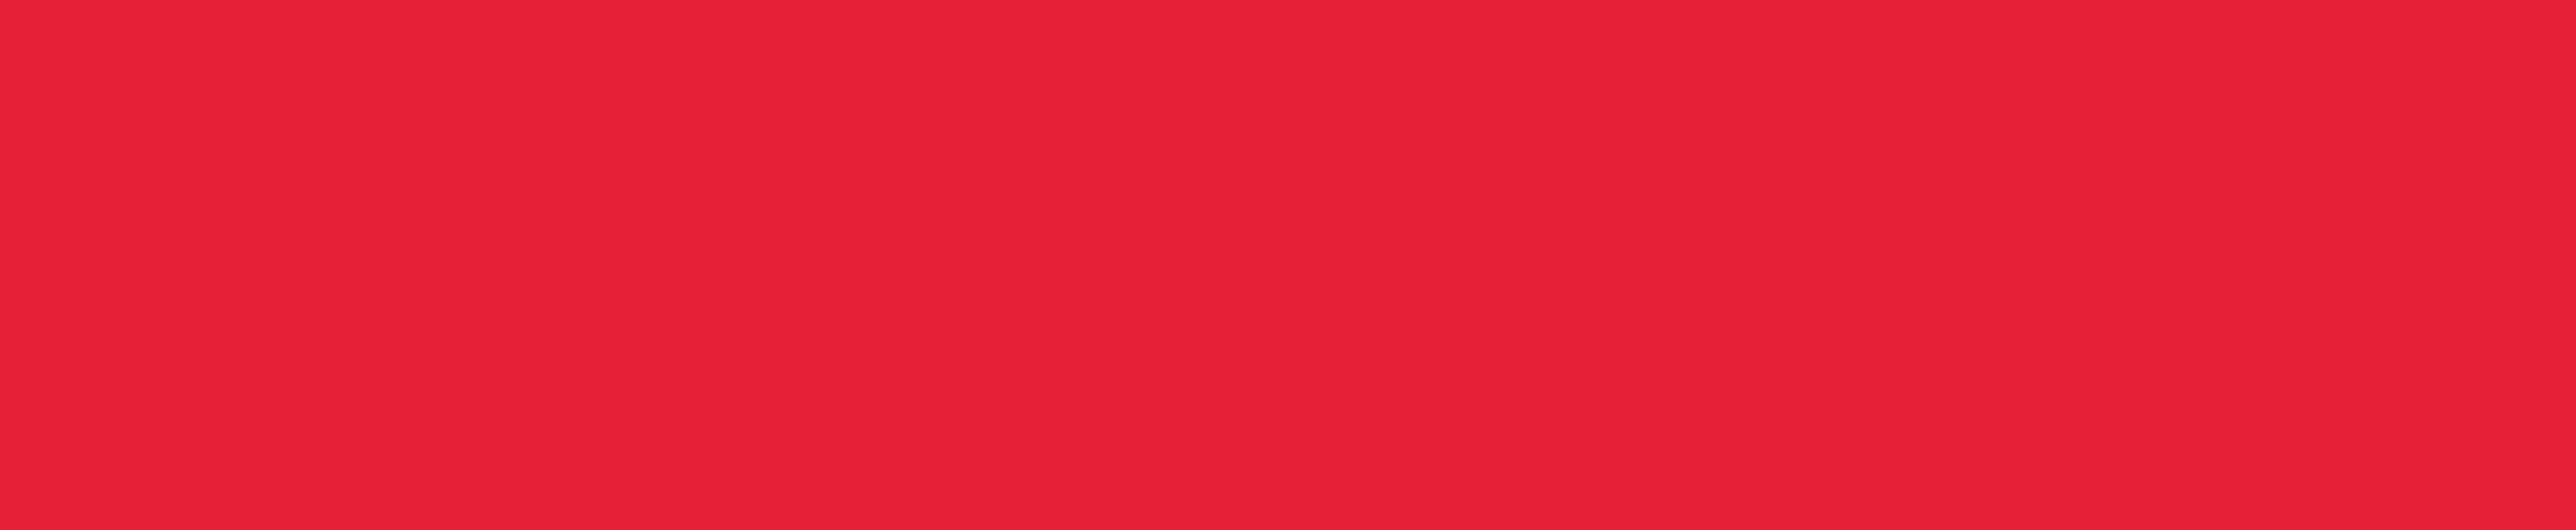 fundo-vermelho